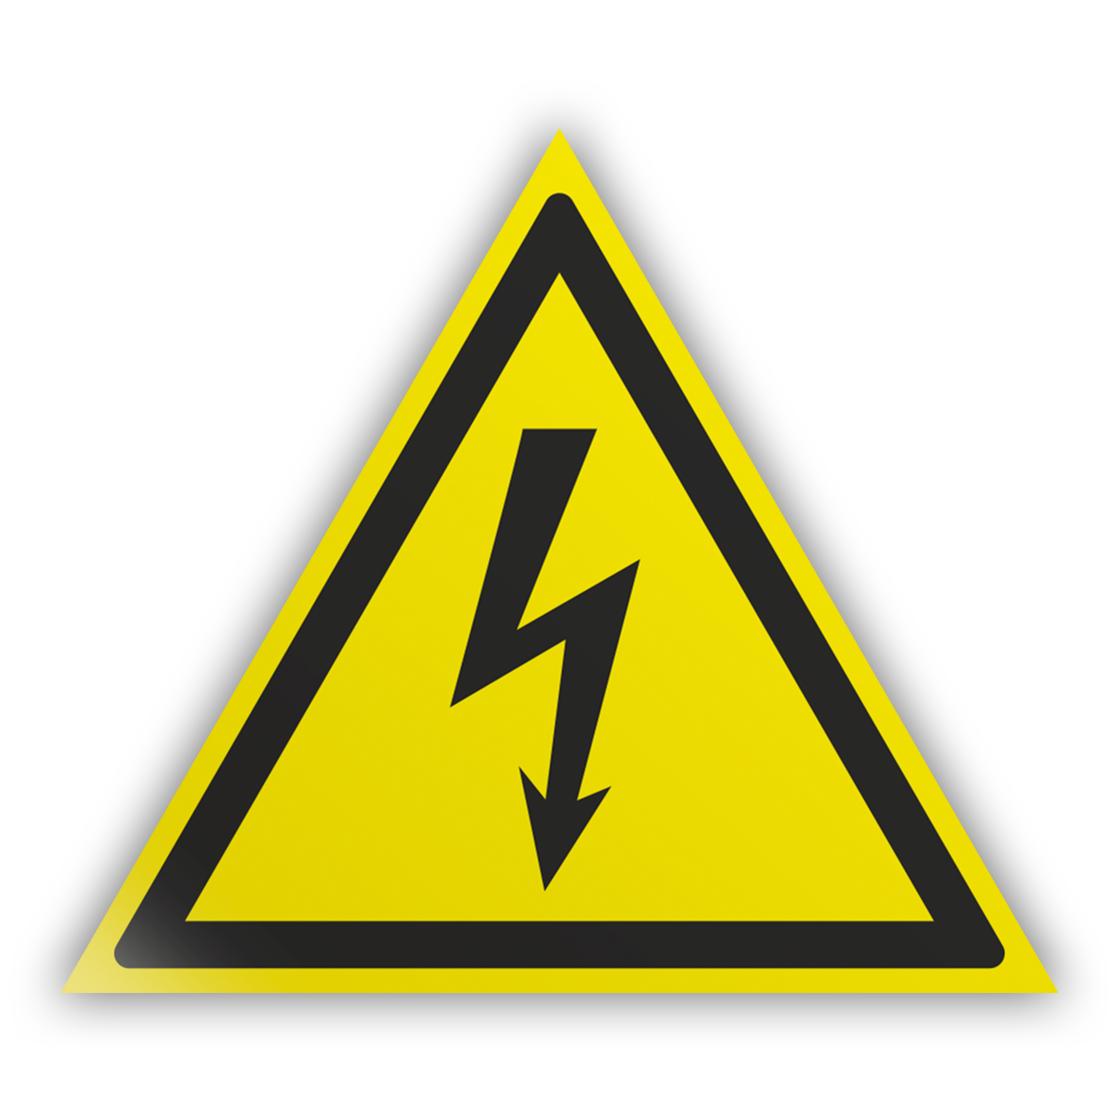 Знак на пленке W08 «Внимание! опасность поражения электрическим током» (самоклеящаяся наклейка, сторона 50 мм)